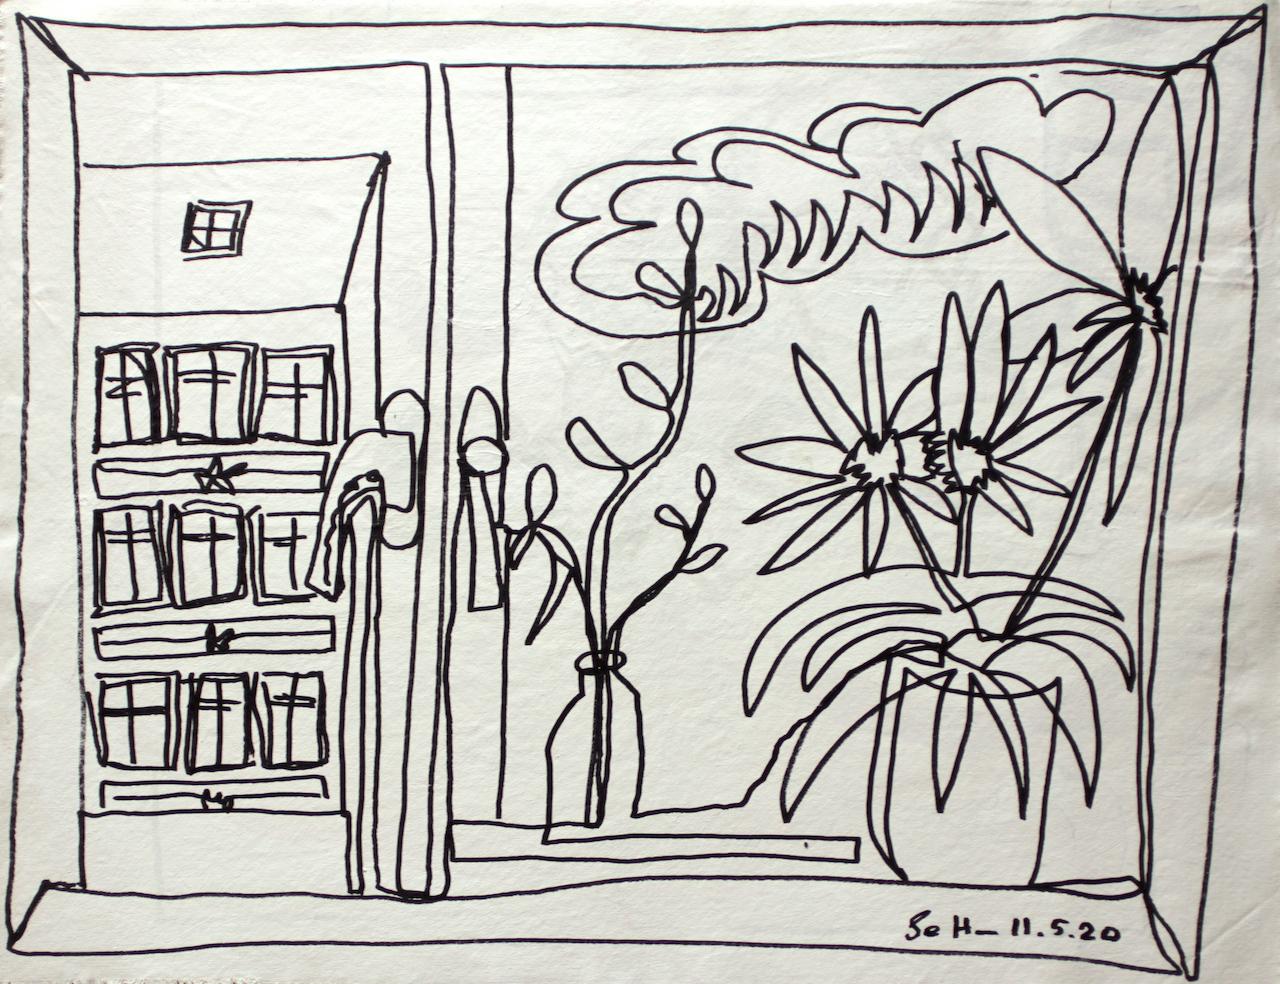 Verso, Doppelter Blick aus dem Fenster, 57 x 73,5 cm, Zeichnung auf Leinwand von Susanne Haun (c) VG Bild-Kunst, Bonn 2020.